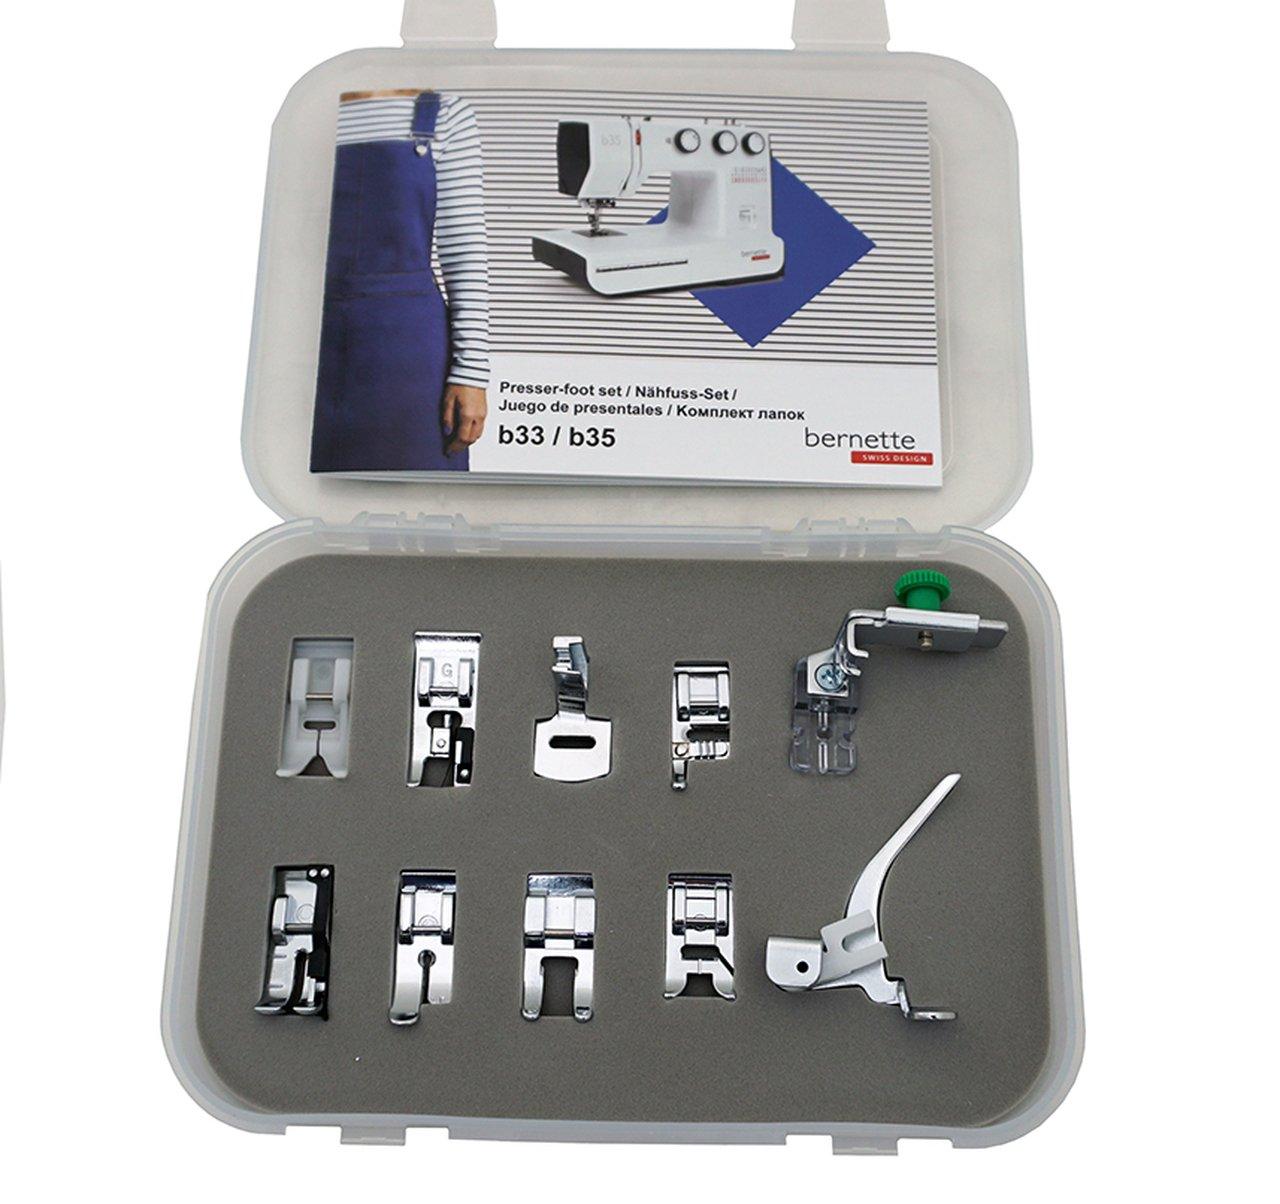 Presser Foot Sewing Kit b33/b35